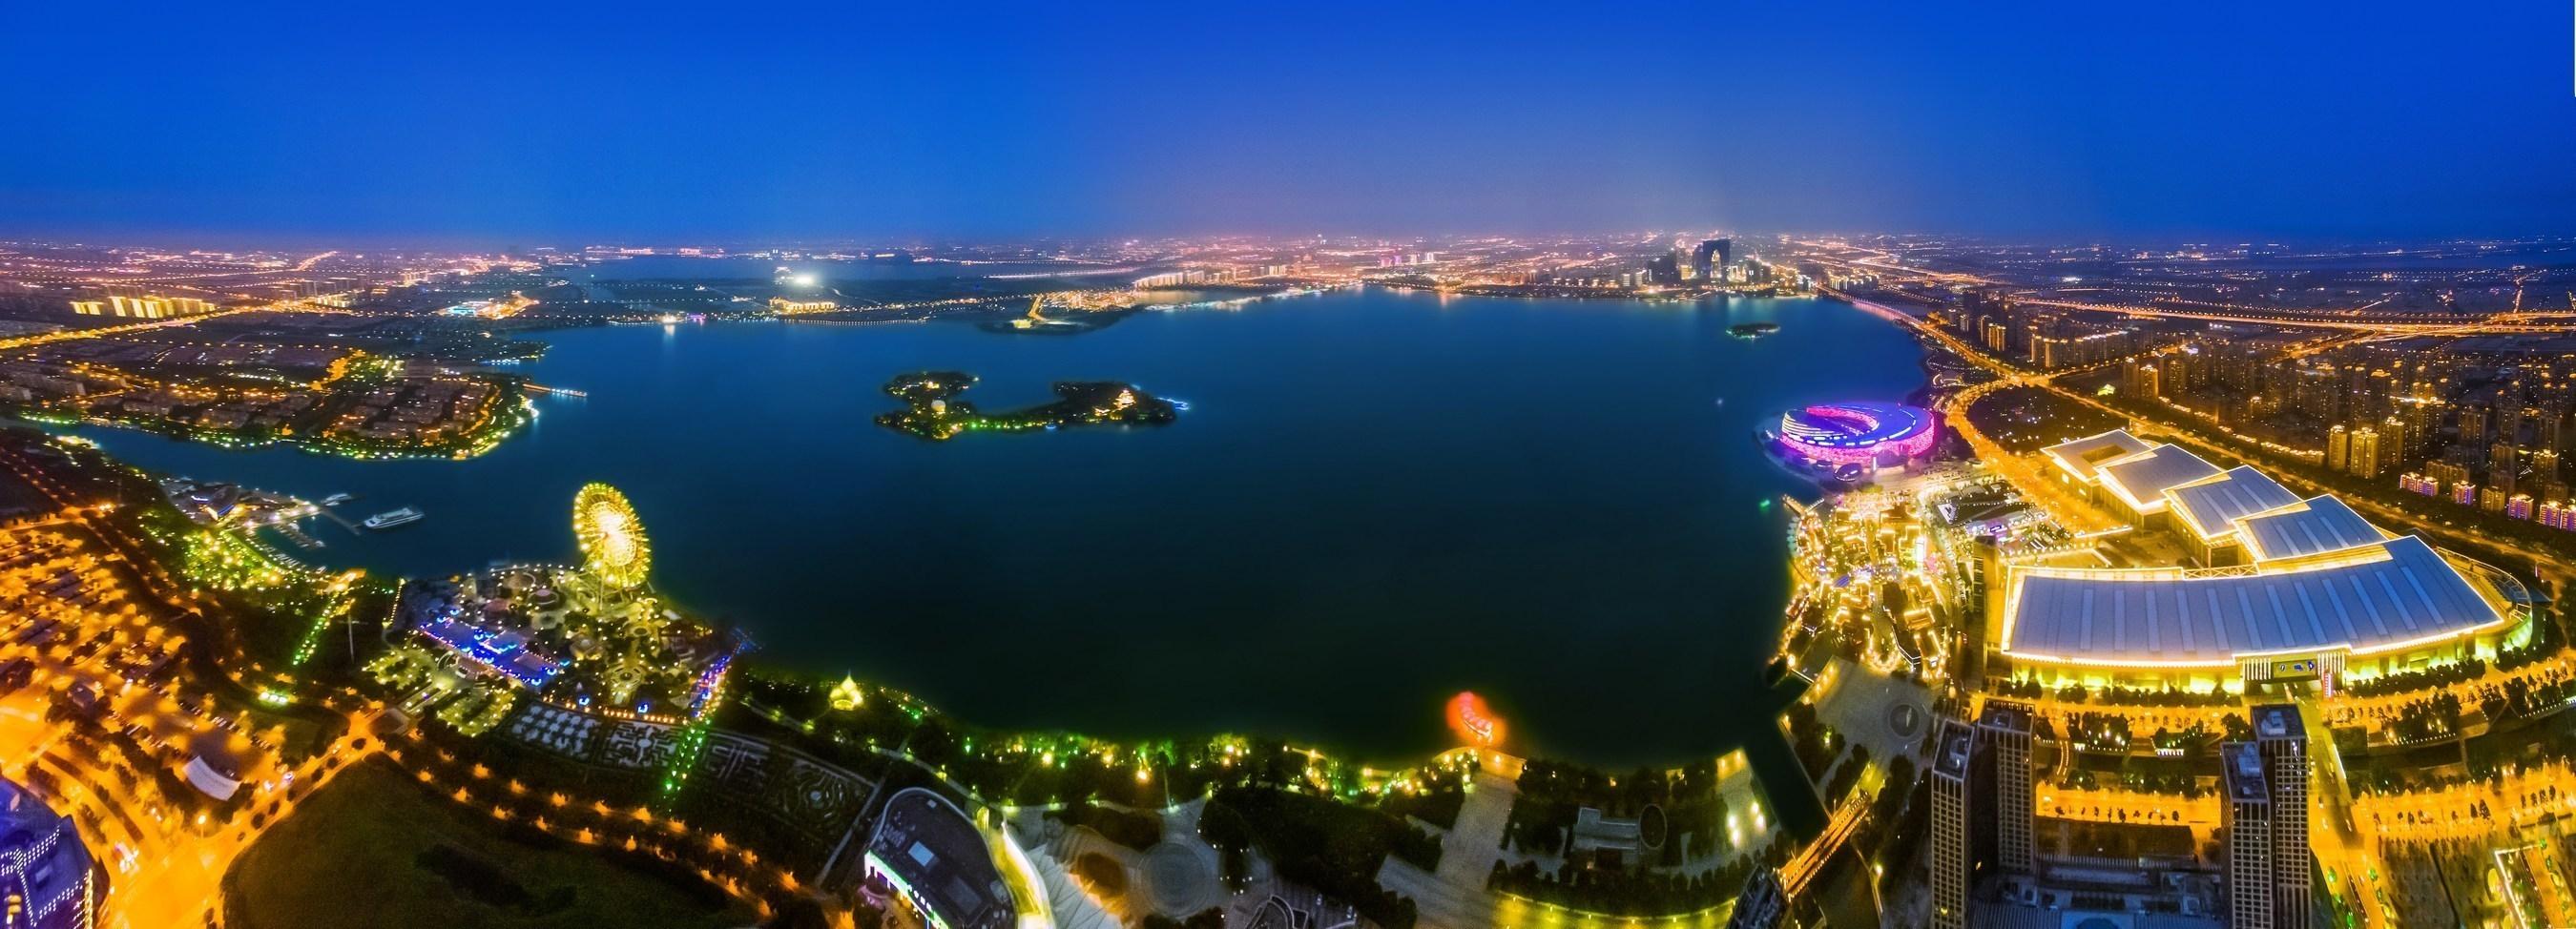 Suzhou International Expo Center als Gastgeber von CHINASHOP 2016 gewählt